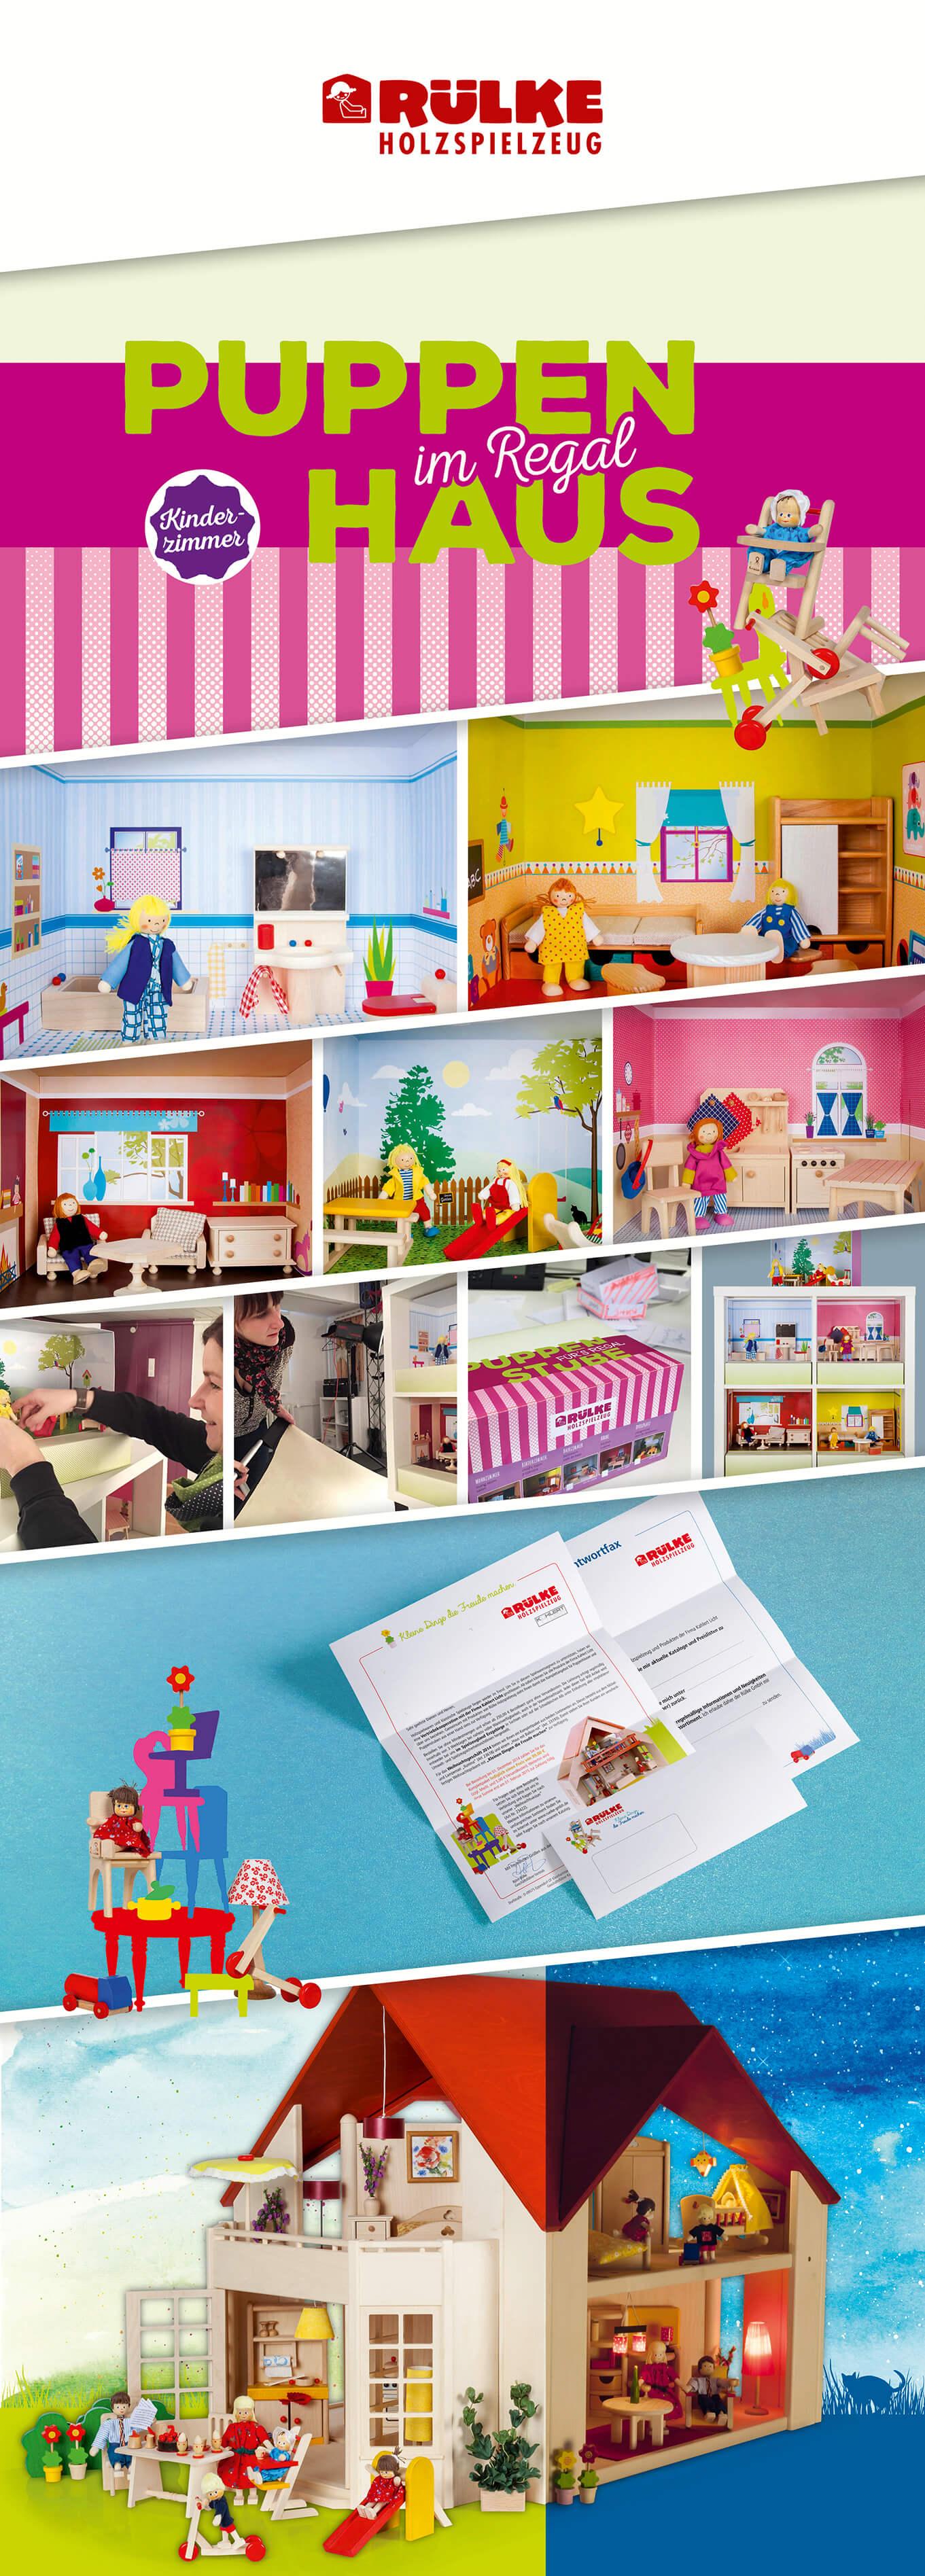 Puppenhaus im Regal – nachhaltiges Spielen garantiert